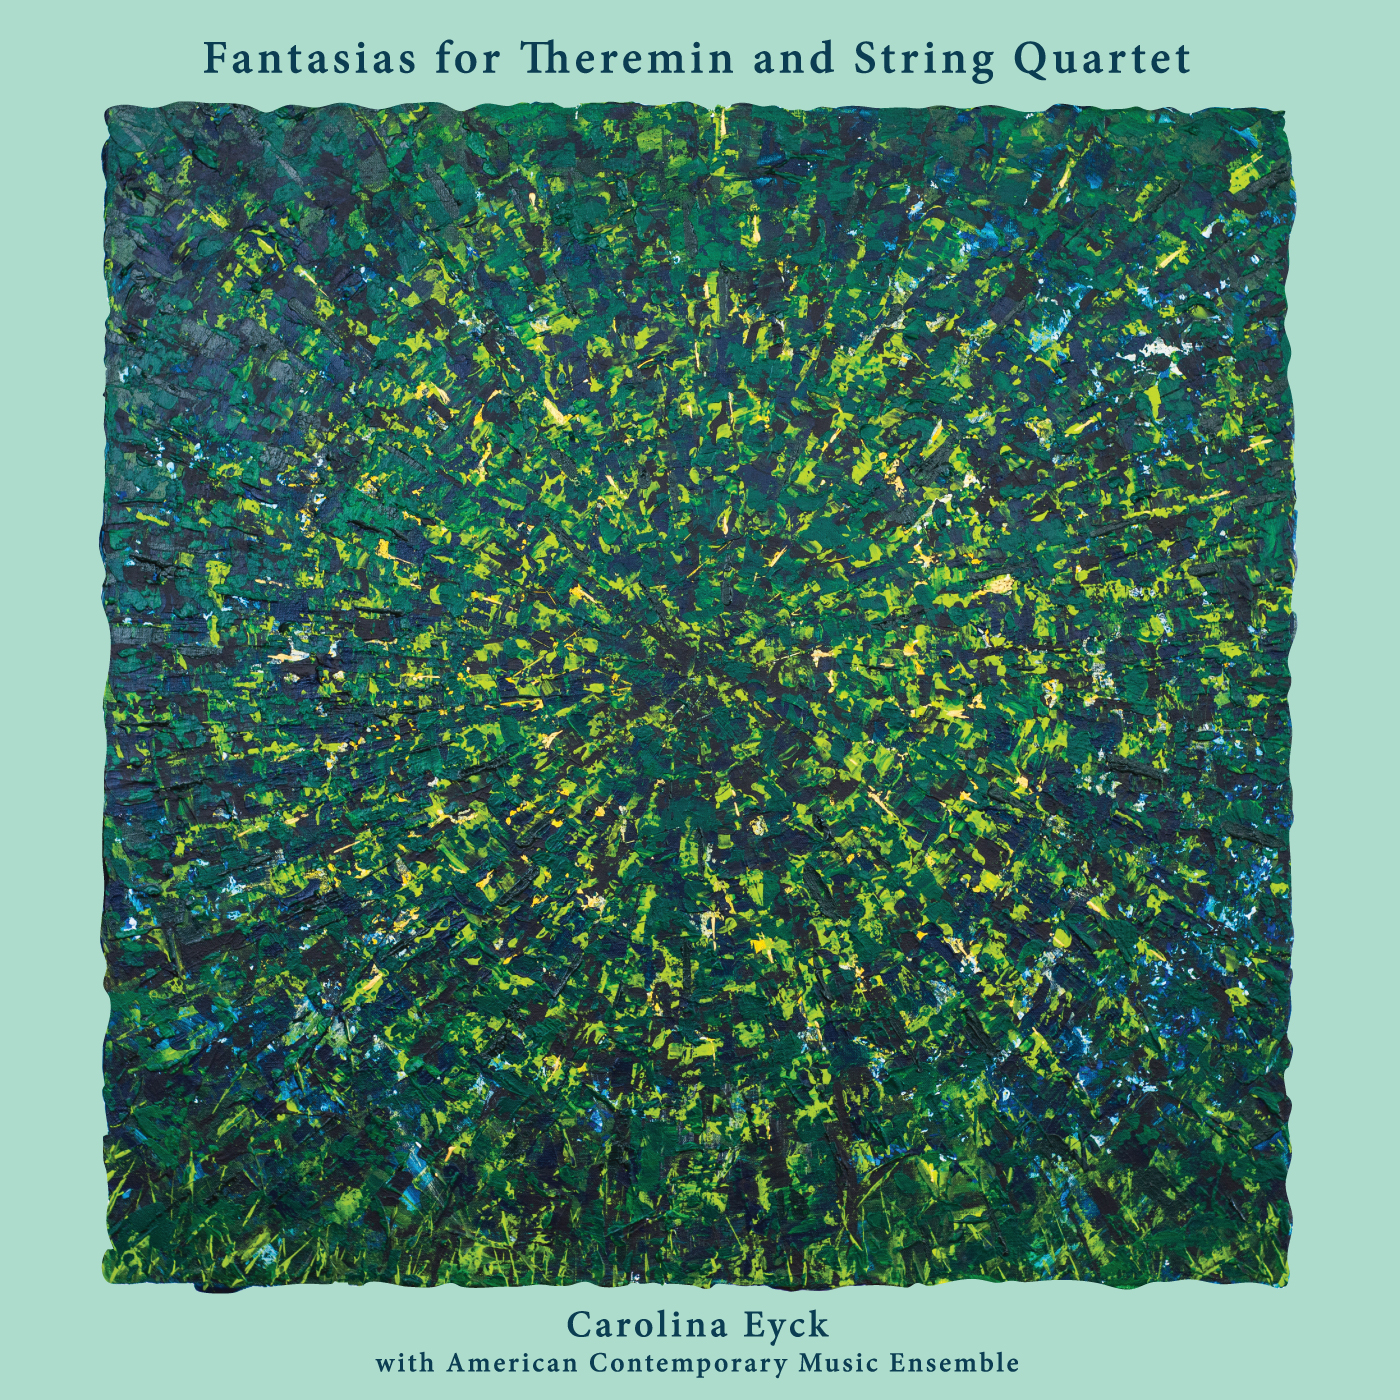 BSR-015-Fantasias-1400x1400-Cover.jpg